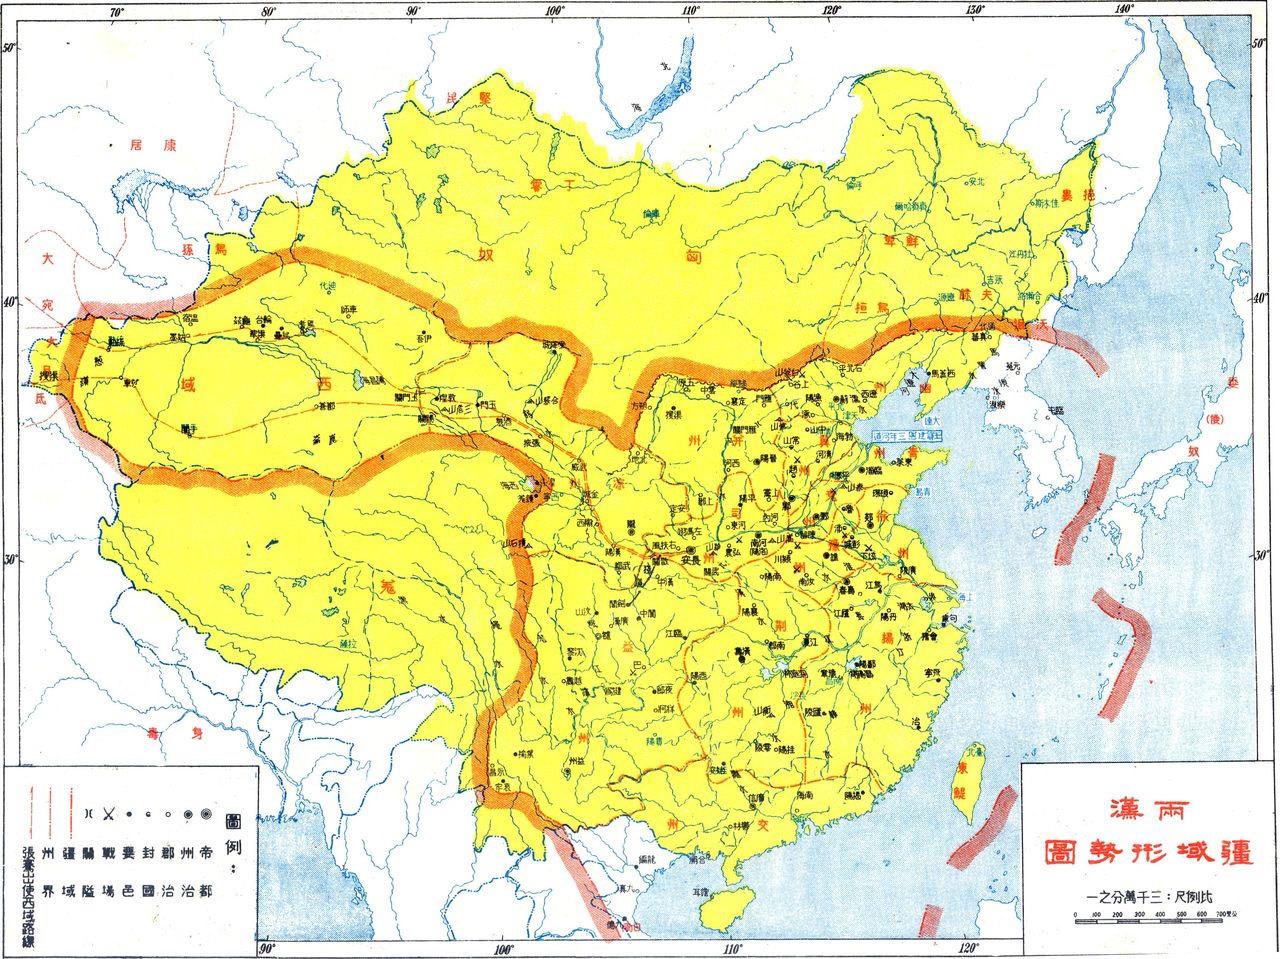 中国版图矢量素材